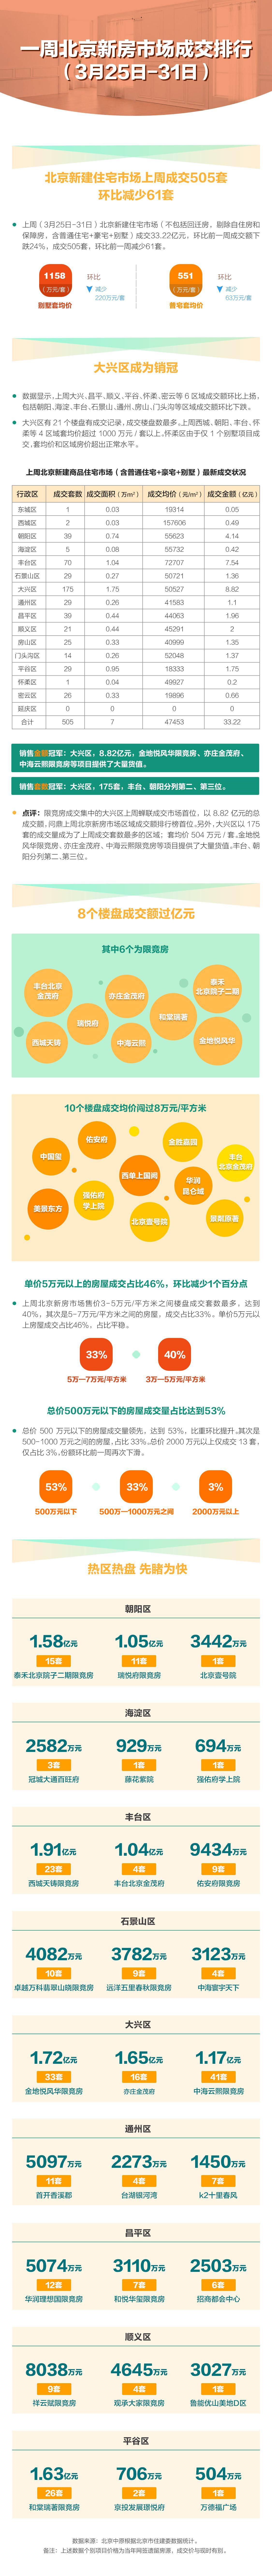 上周北京新建商品住宅成交放缓 环比减少61套